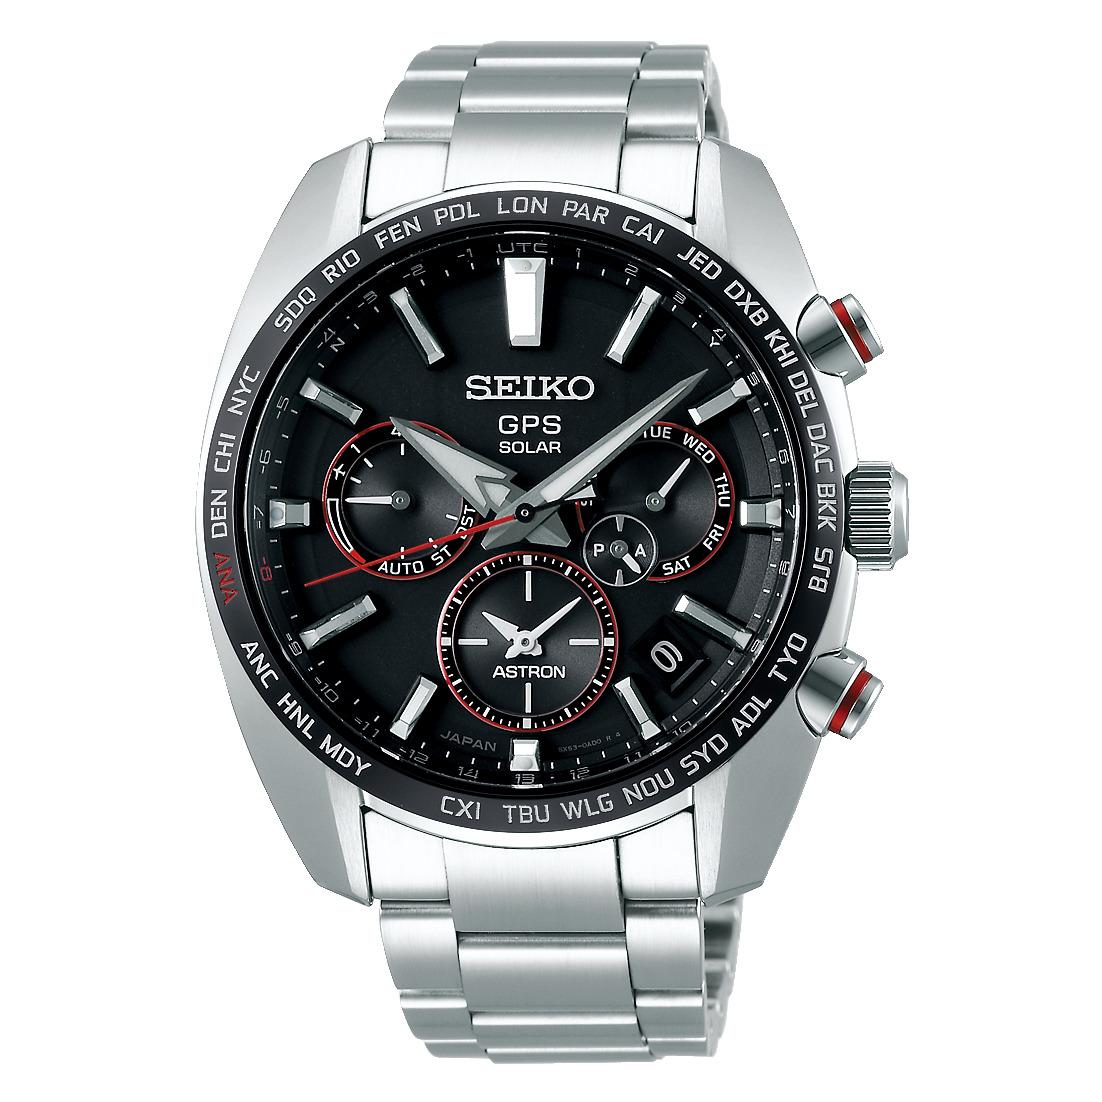 正規品 SEIKO セイコー ASTRON アストロン SBXC043 大谷翔平 2019 限定モデル 限定1700本 腕時計